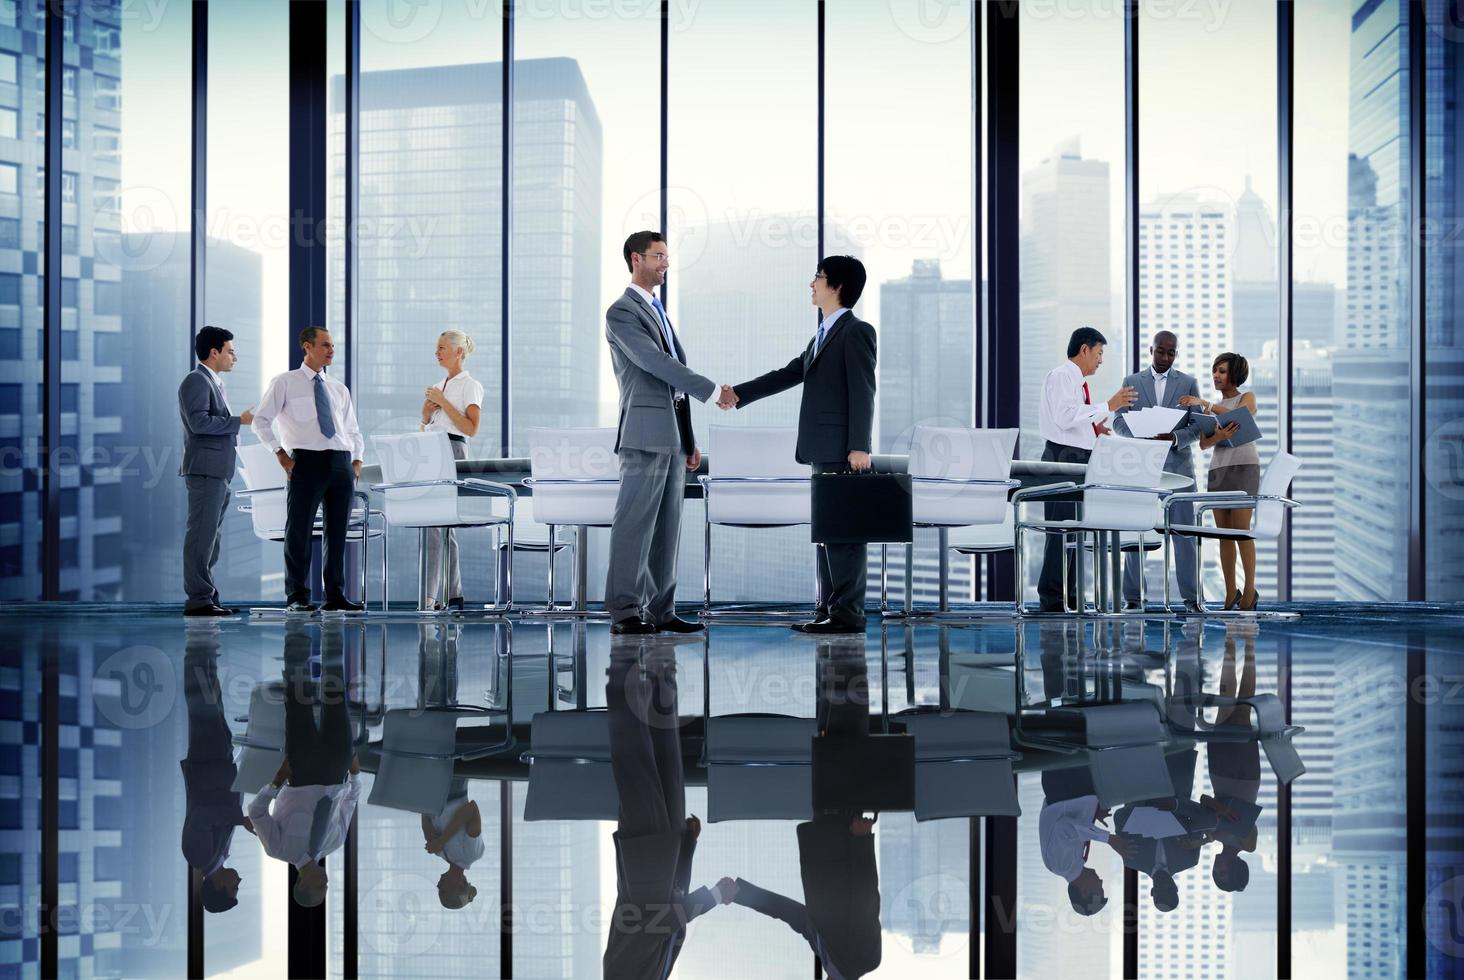 globales Konzept des Geschäftsmannkonferenzmeetings Handshake foto